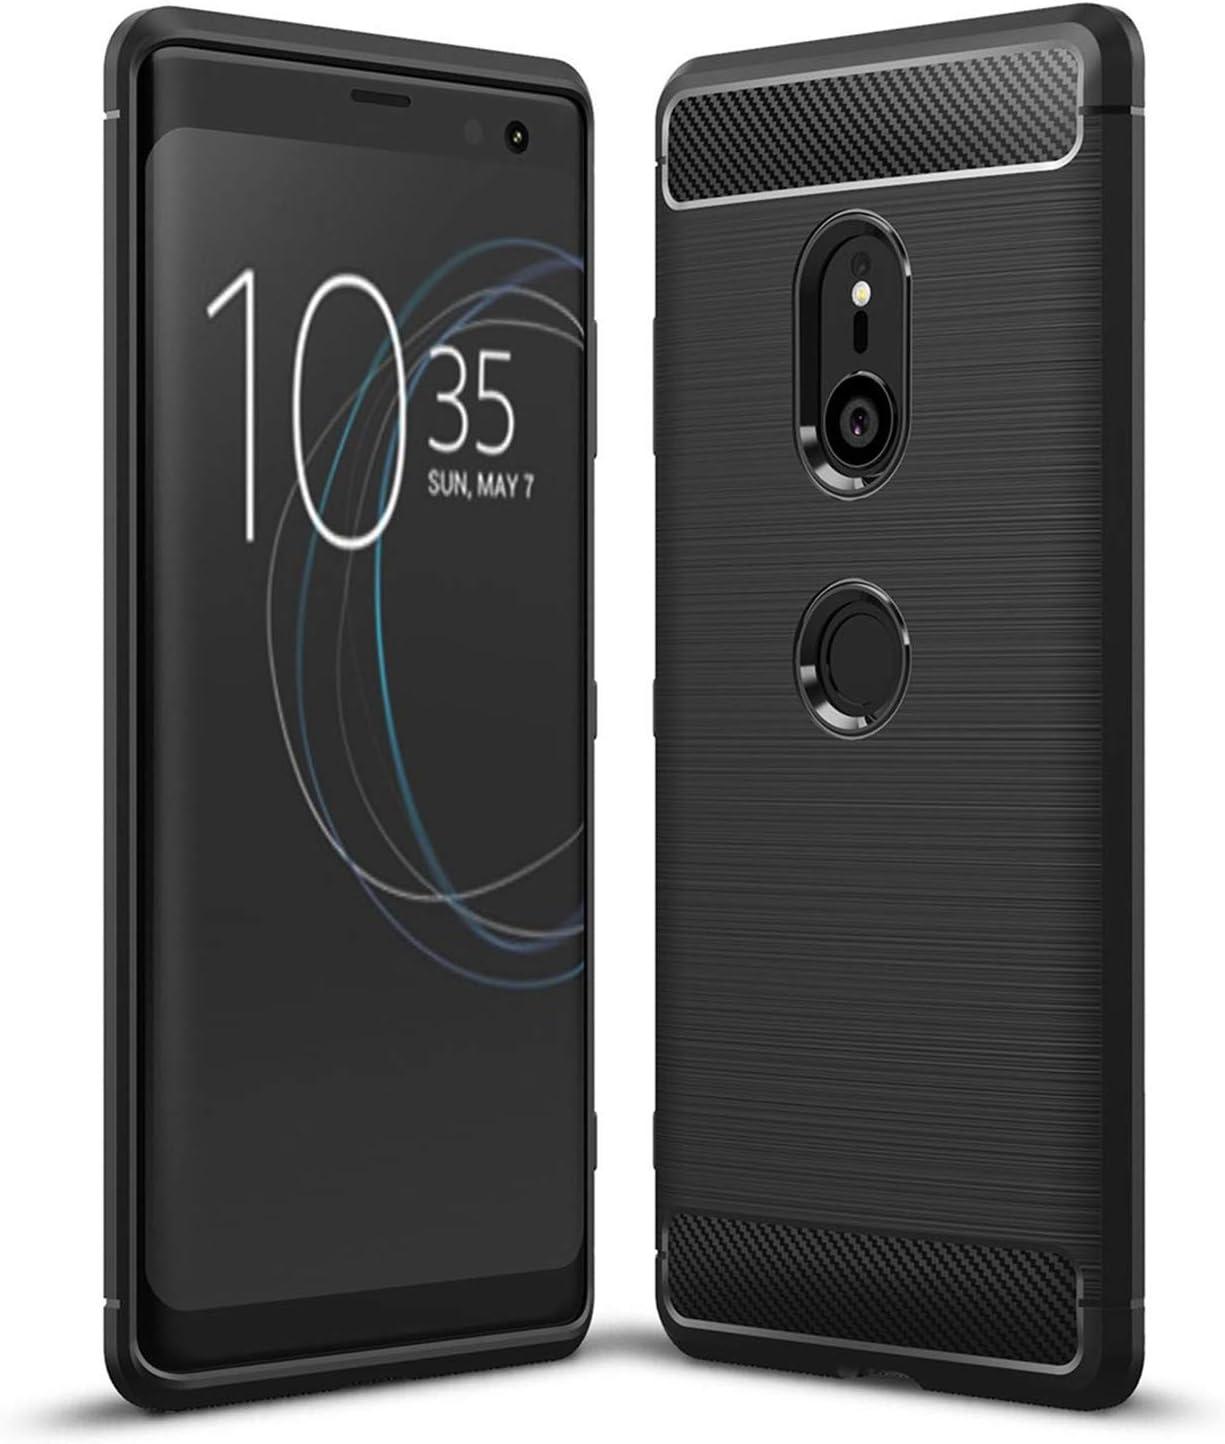 LXHGrowH Funda Sony Xperia XZ3, Anti-Arañazos Suave Silicona Fundas para Sony Xperia XZ3, Shock-Absorción Protector TPU Carcasa Cover para Sony Xperia XZ3, Color Negro